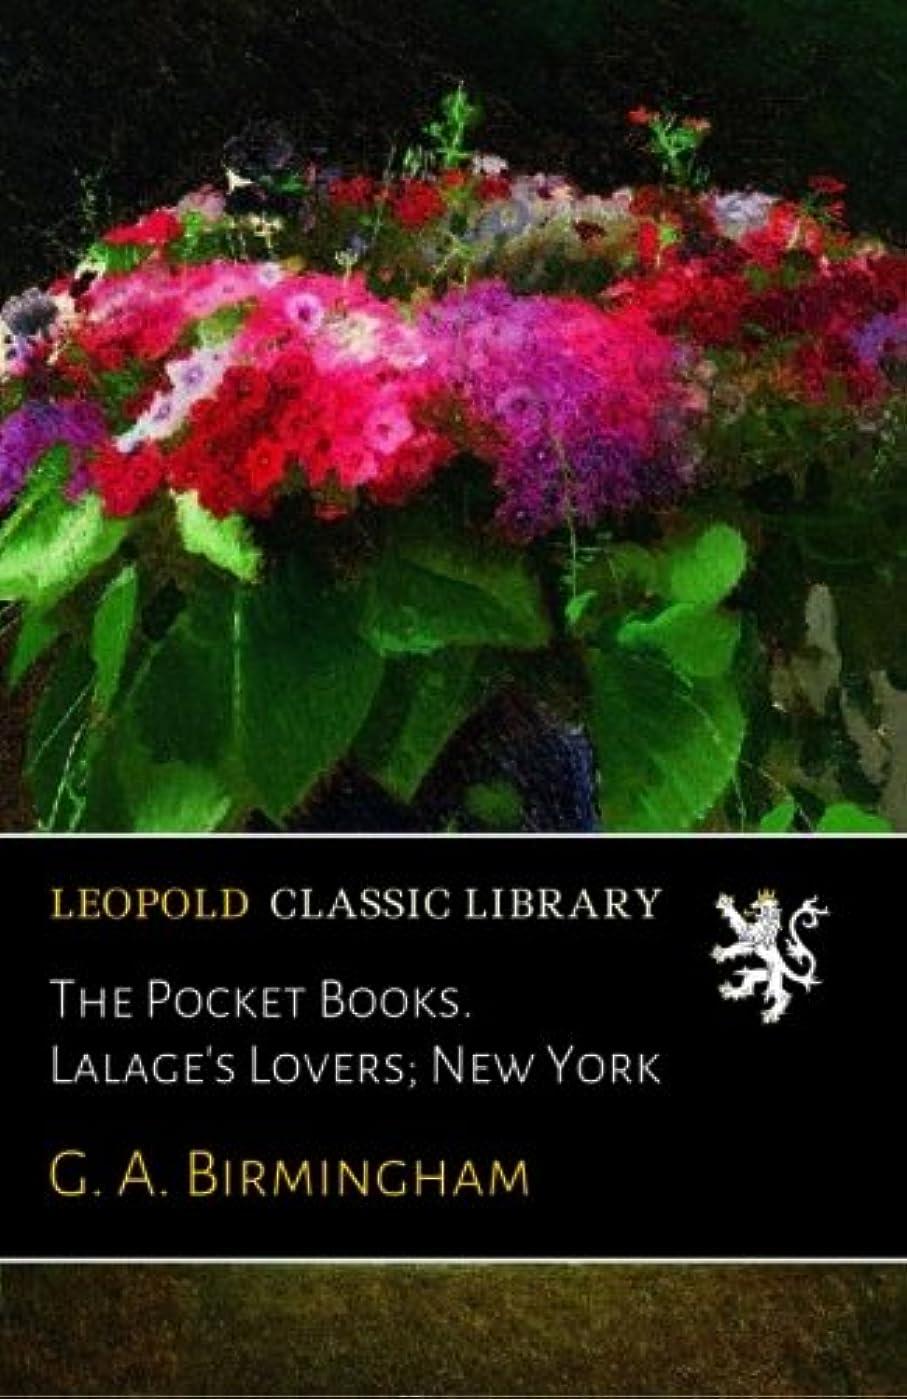 ベンチ見分ける亜熱帯The Pocket Books. Lalage's Lovers; New York